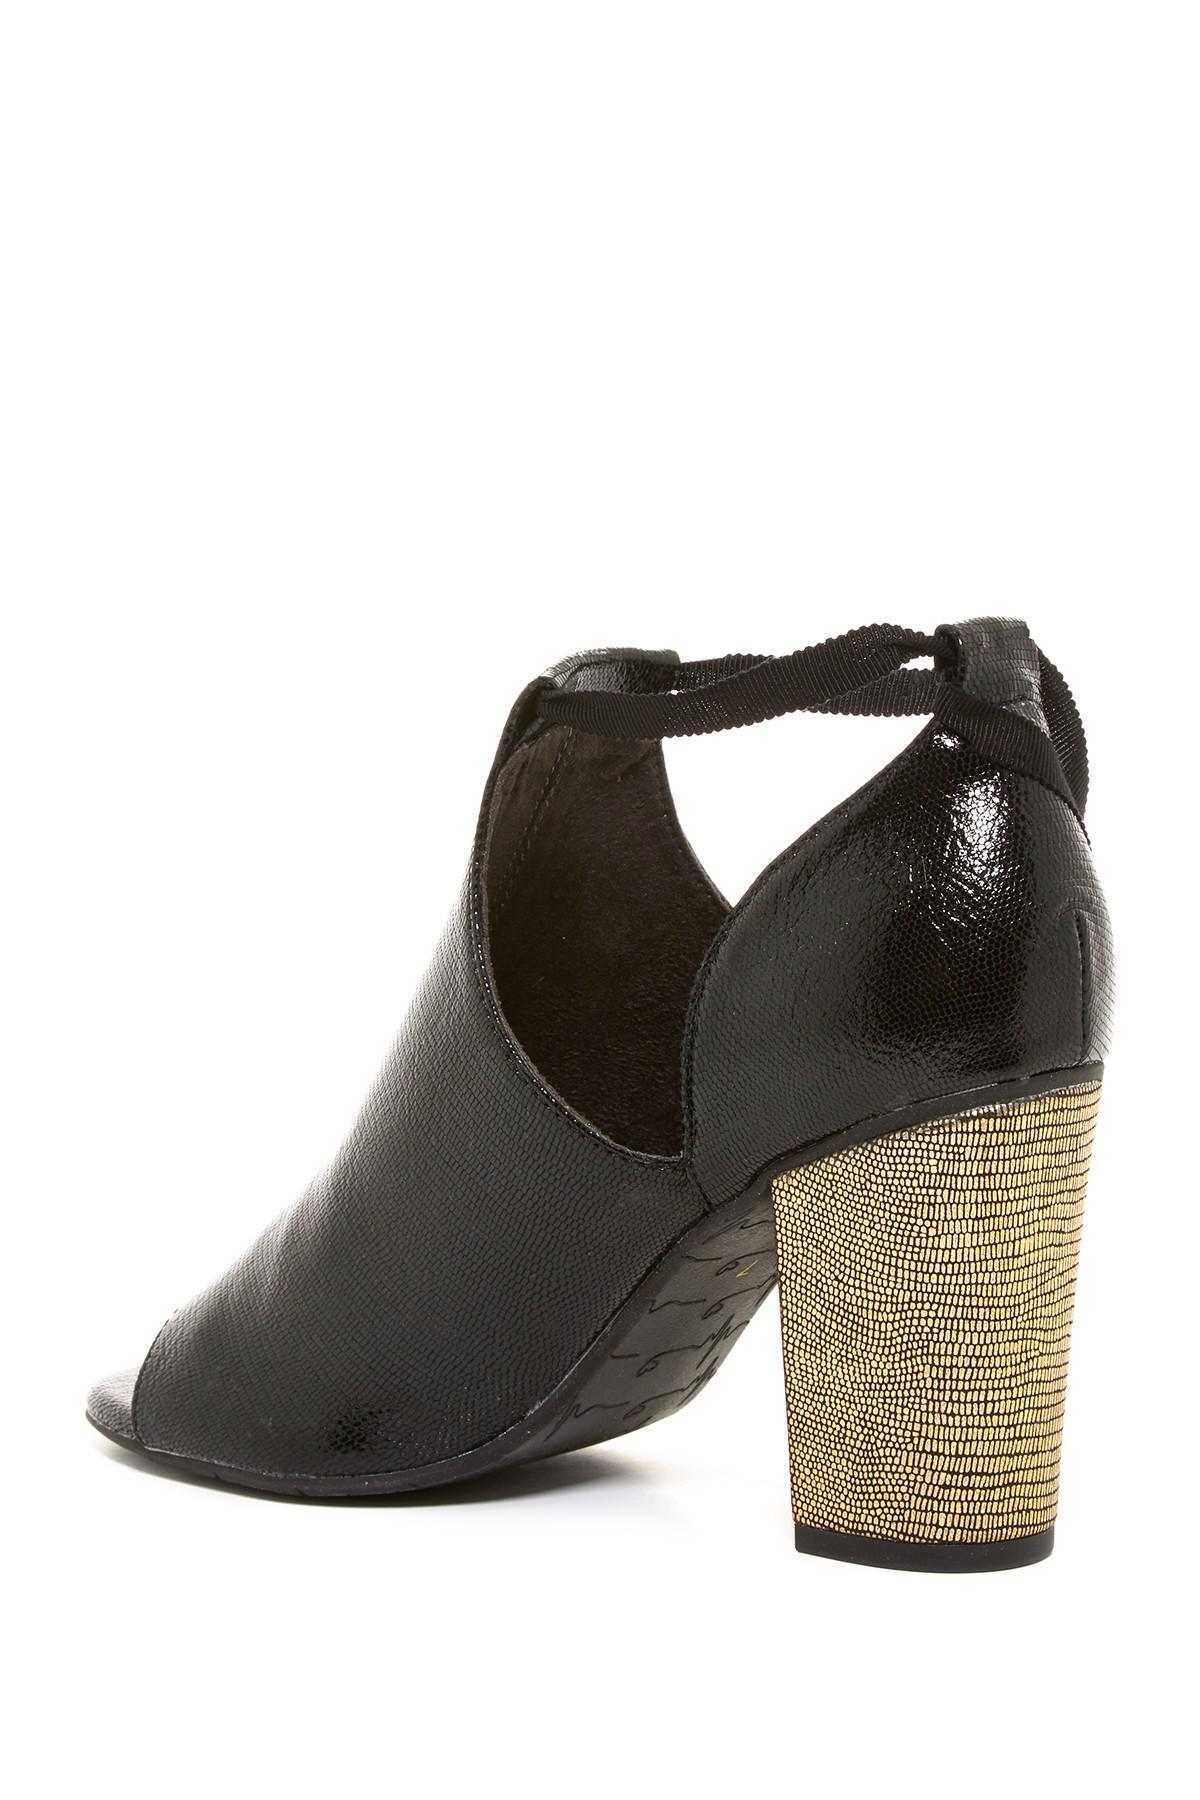 BC Footwear Set Me Free II Open Toe Boot UsBjvQ5I